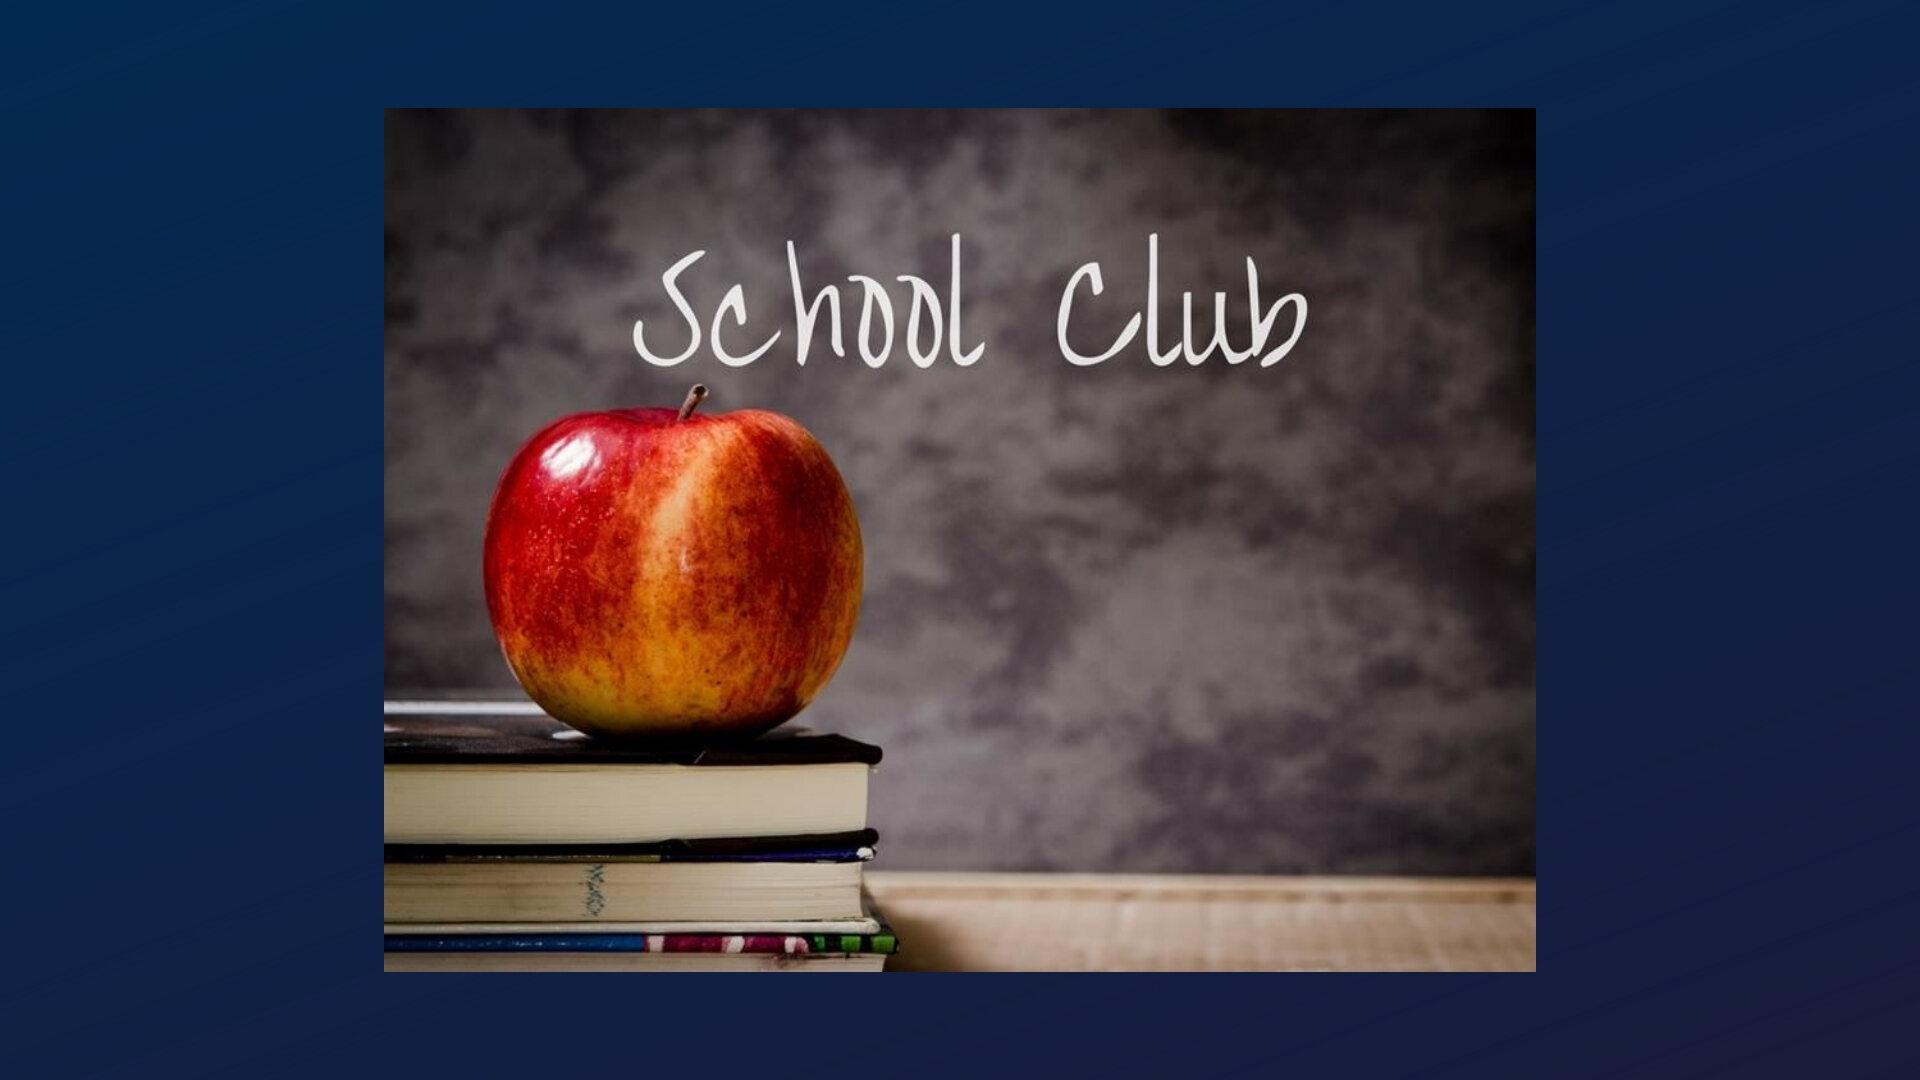 Epiphany School Club